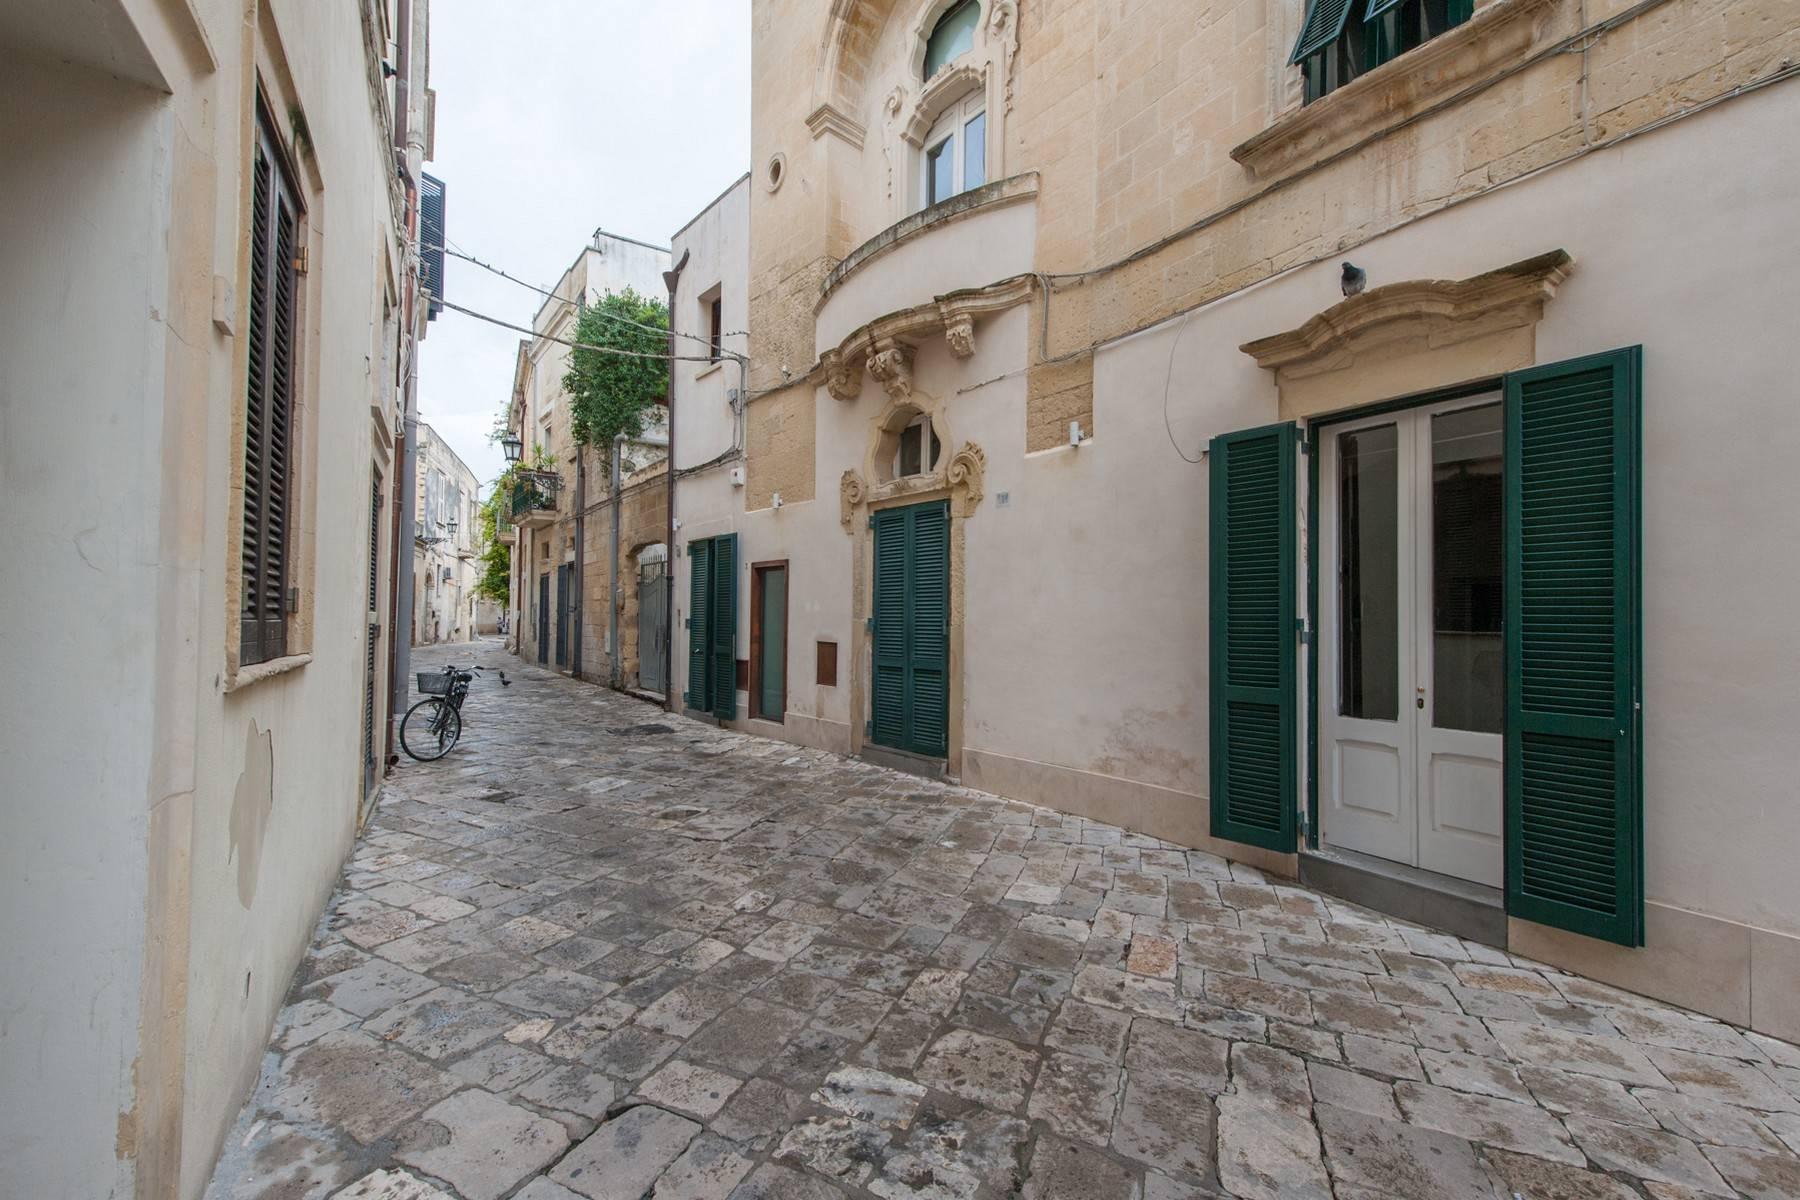 Casa indipendente in Vendita a Lecce: 5 locali, 180 mq - Foto 19